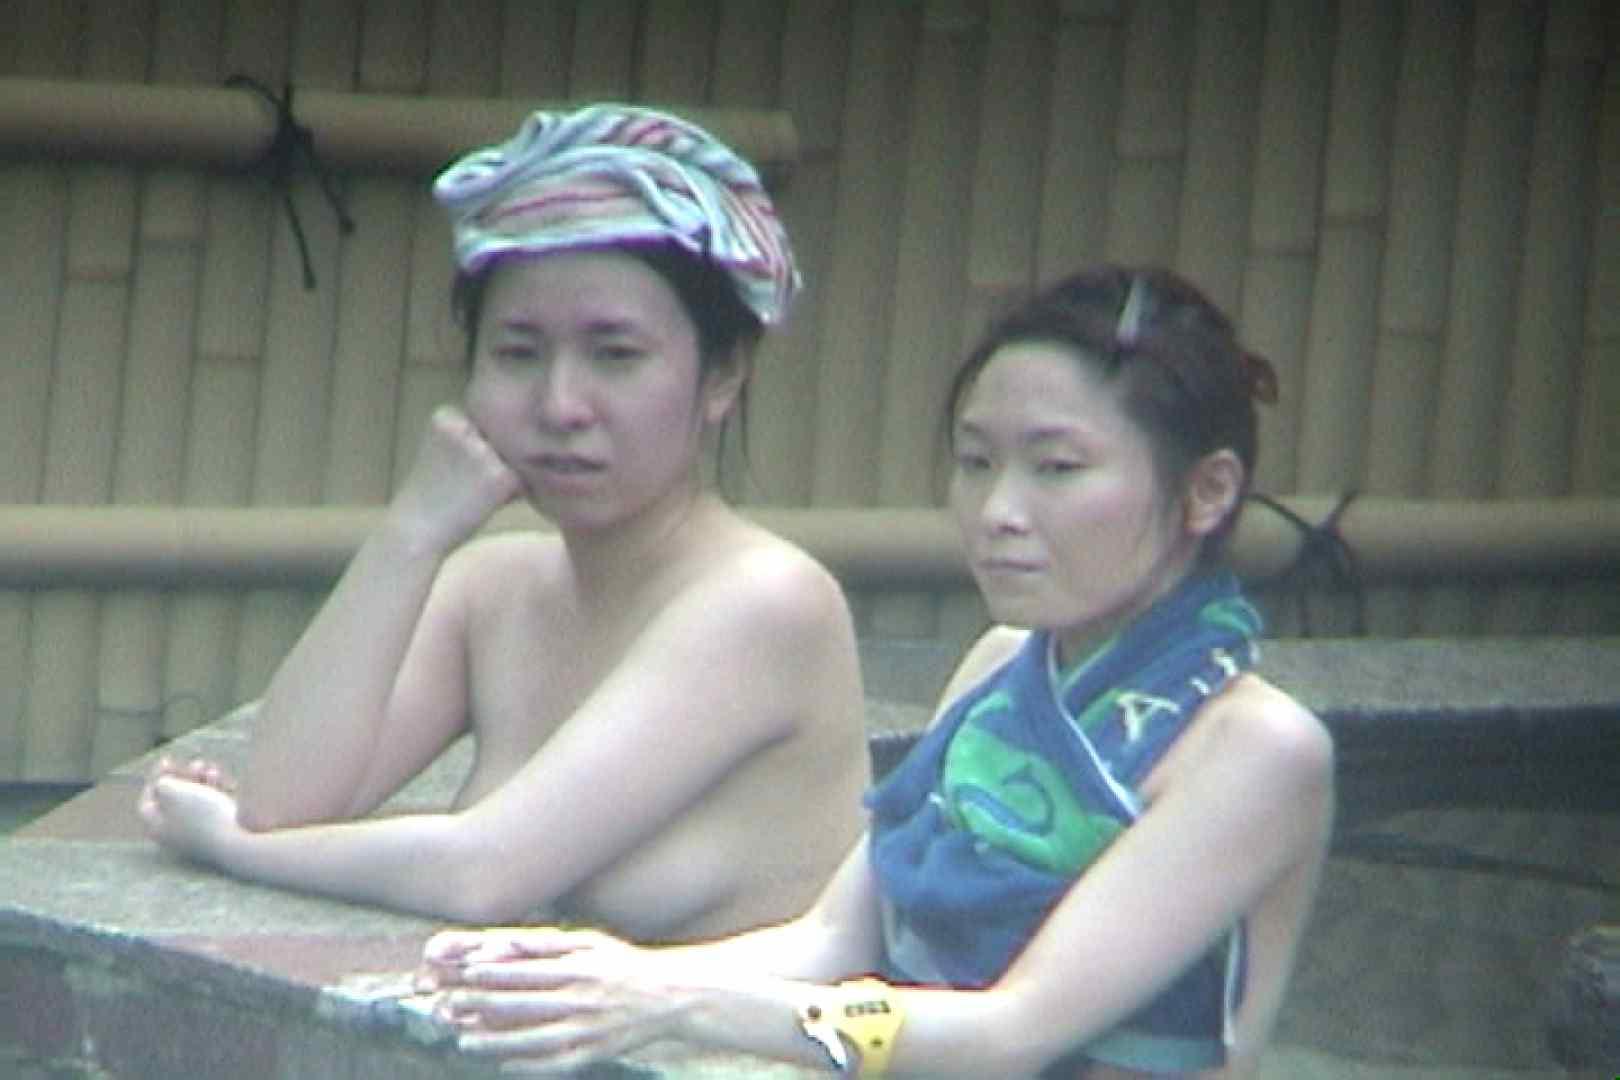 Aquaな露天風呂Vol.106 露天風呂 | 盗撮  68連発 19